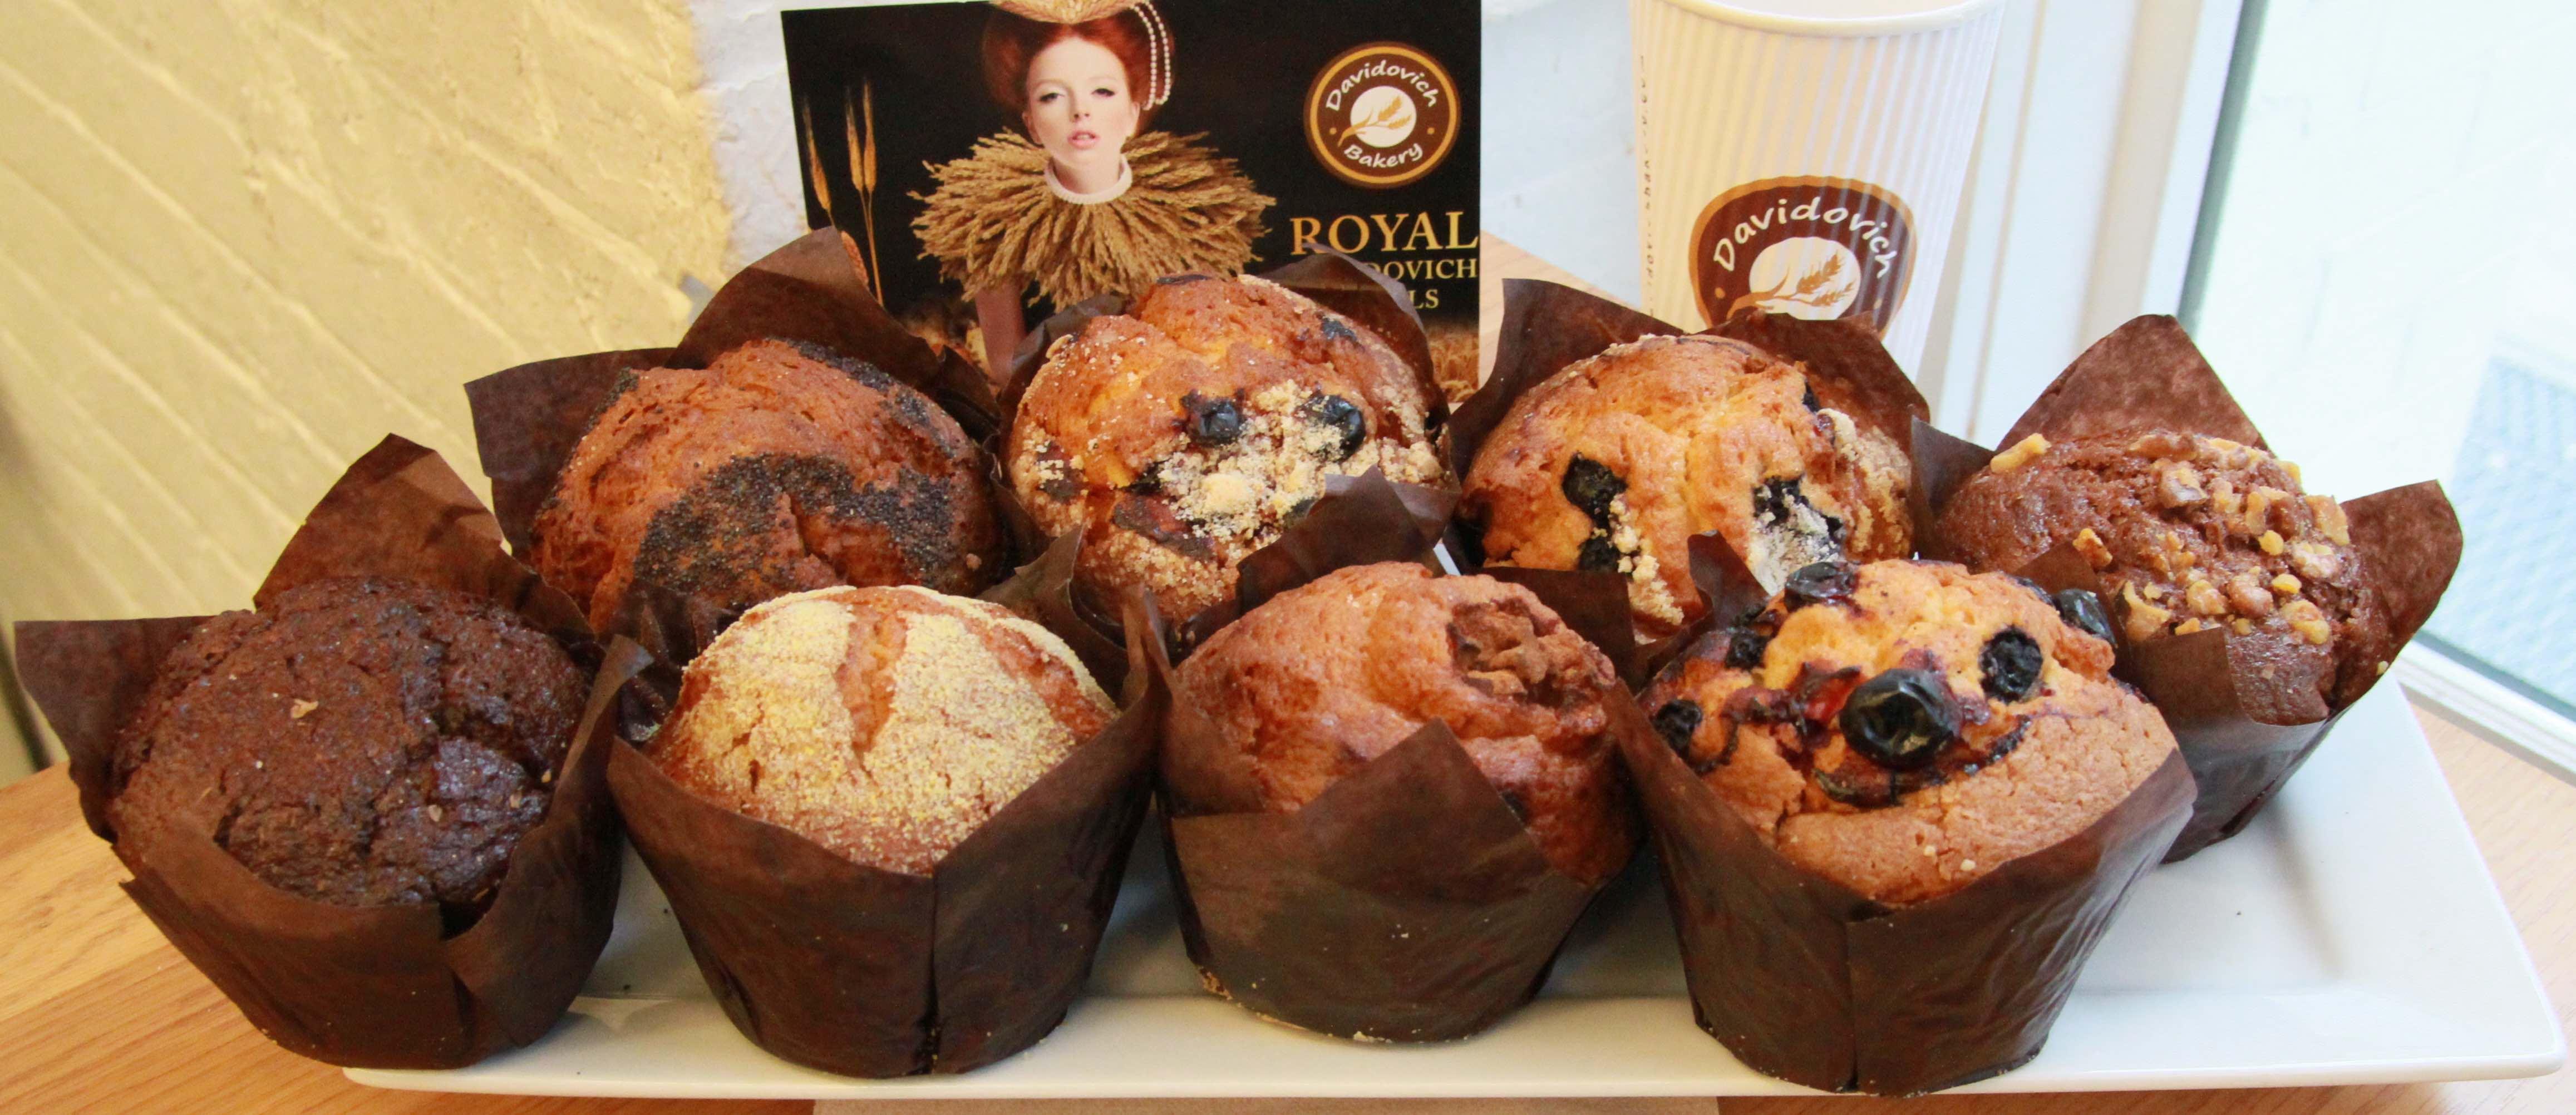 Muffin Assortment 3